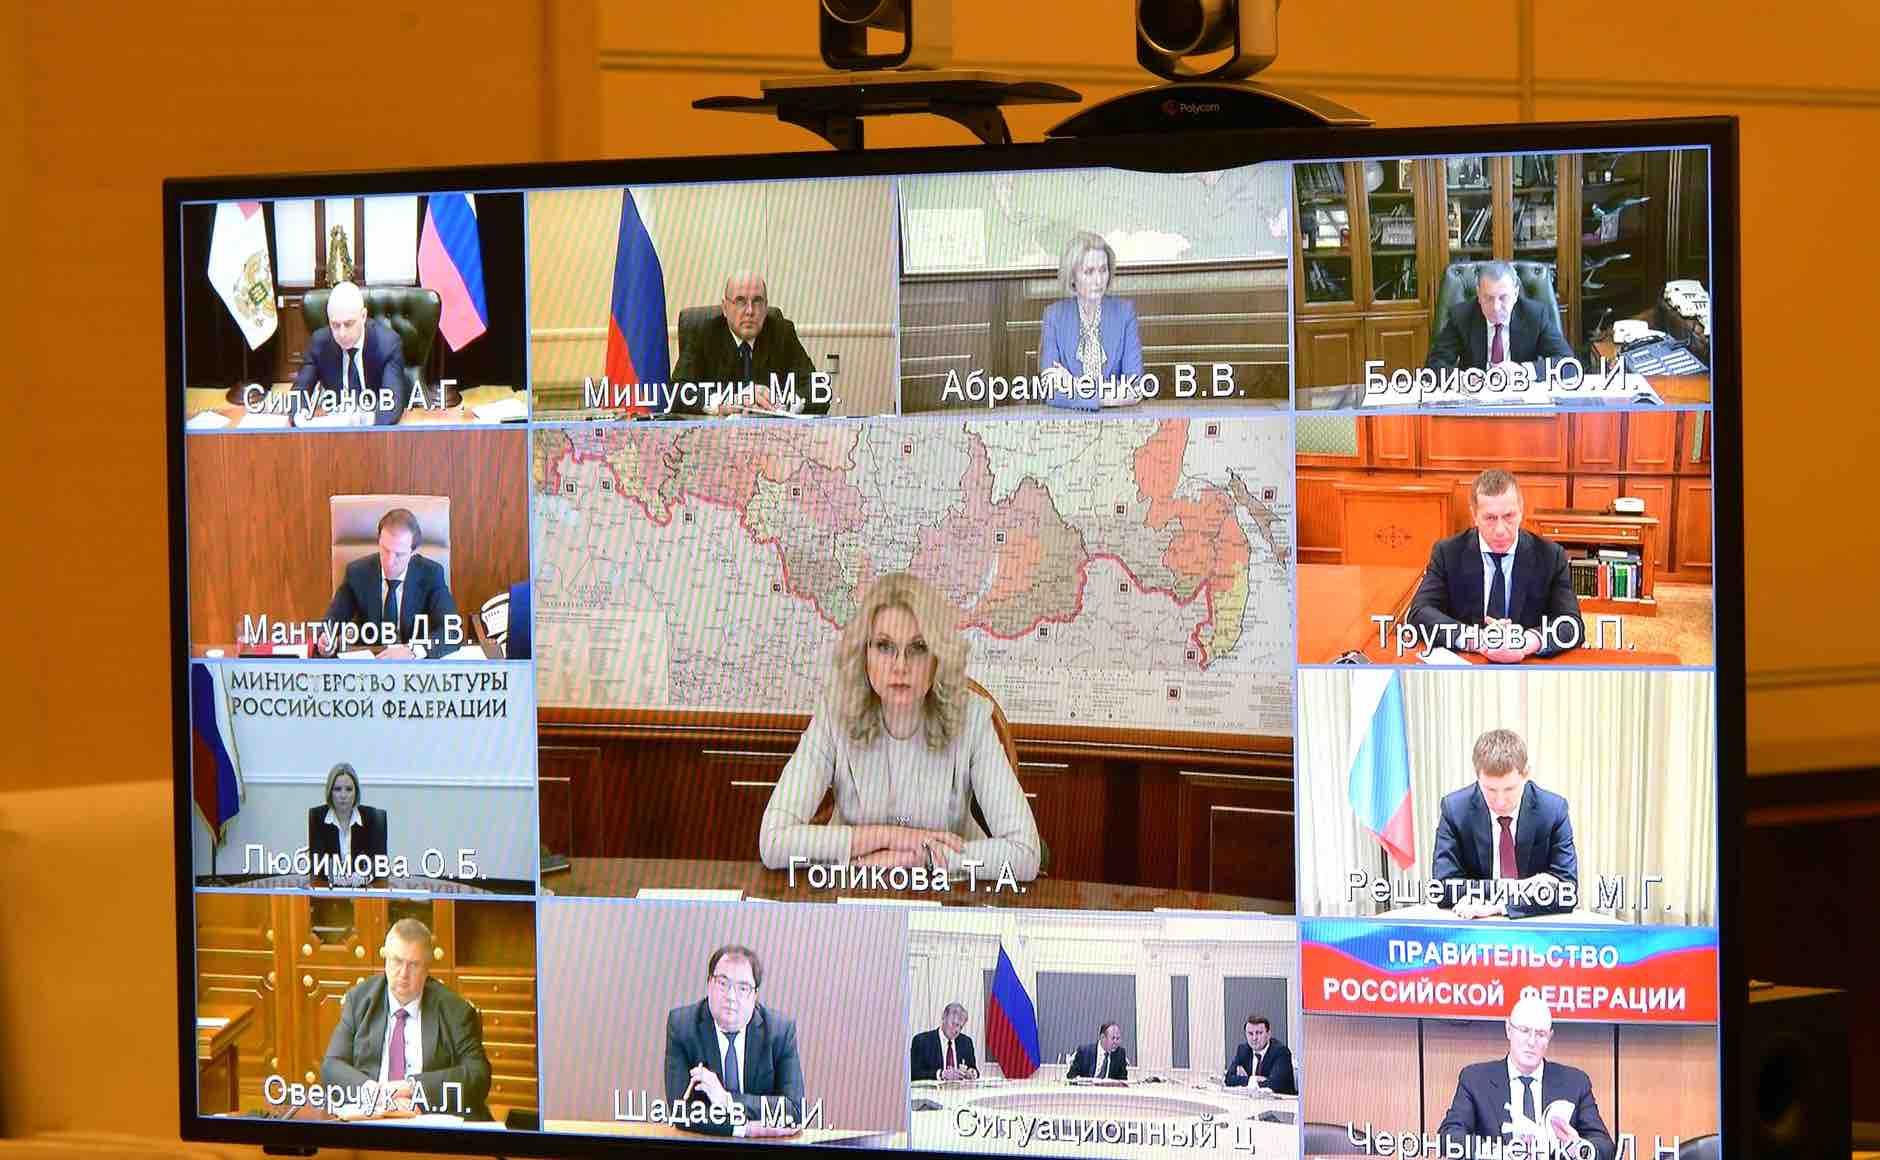 Опубликован перечень отраслей экономики, наиболее пострадавших из-за коронавируса в России:Мишустин обещал оказать поддержку